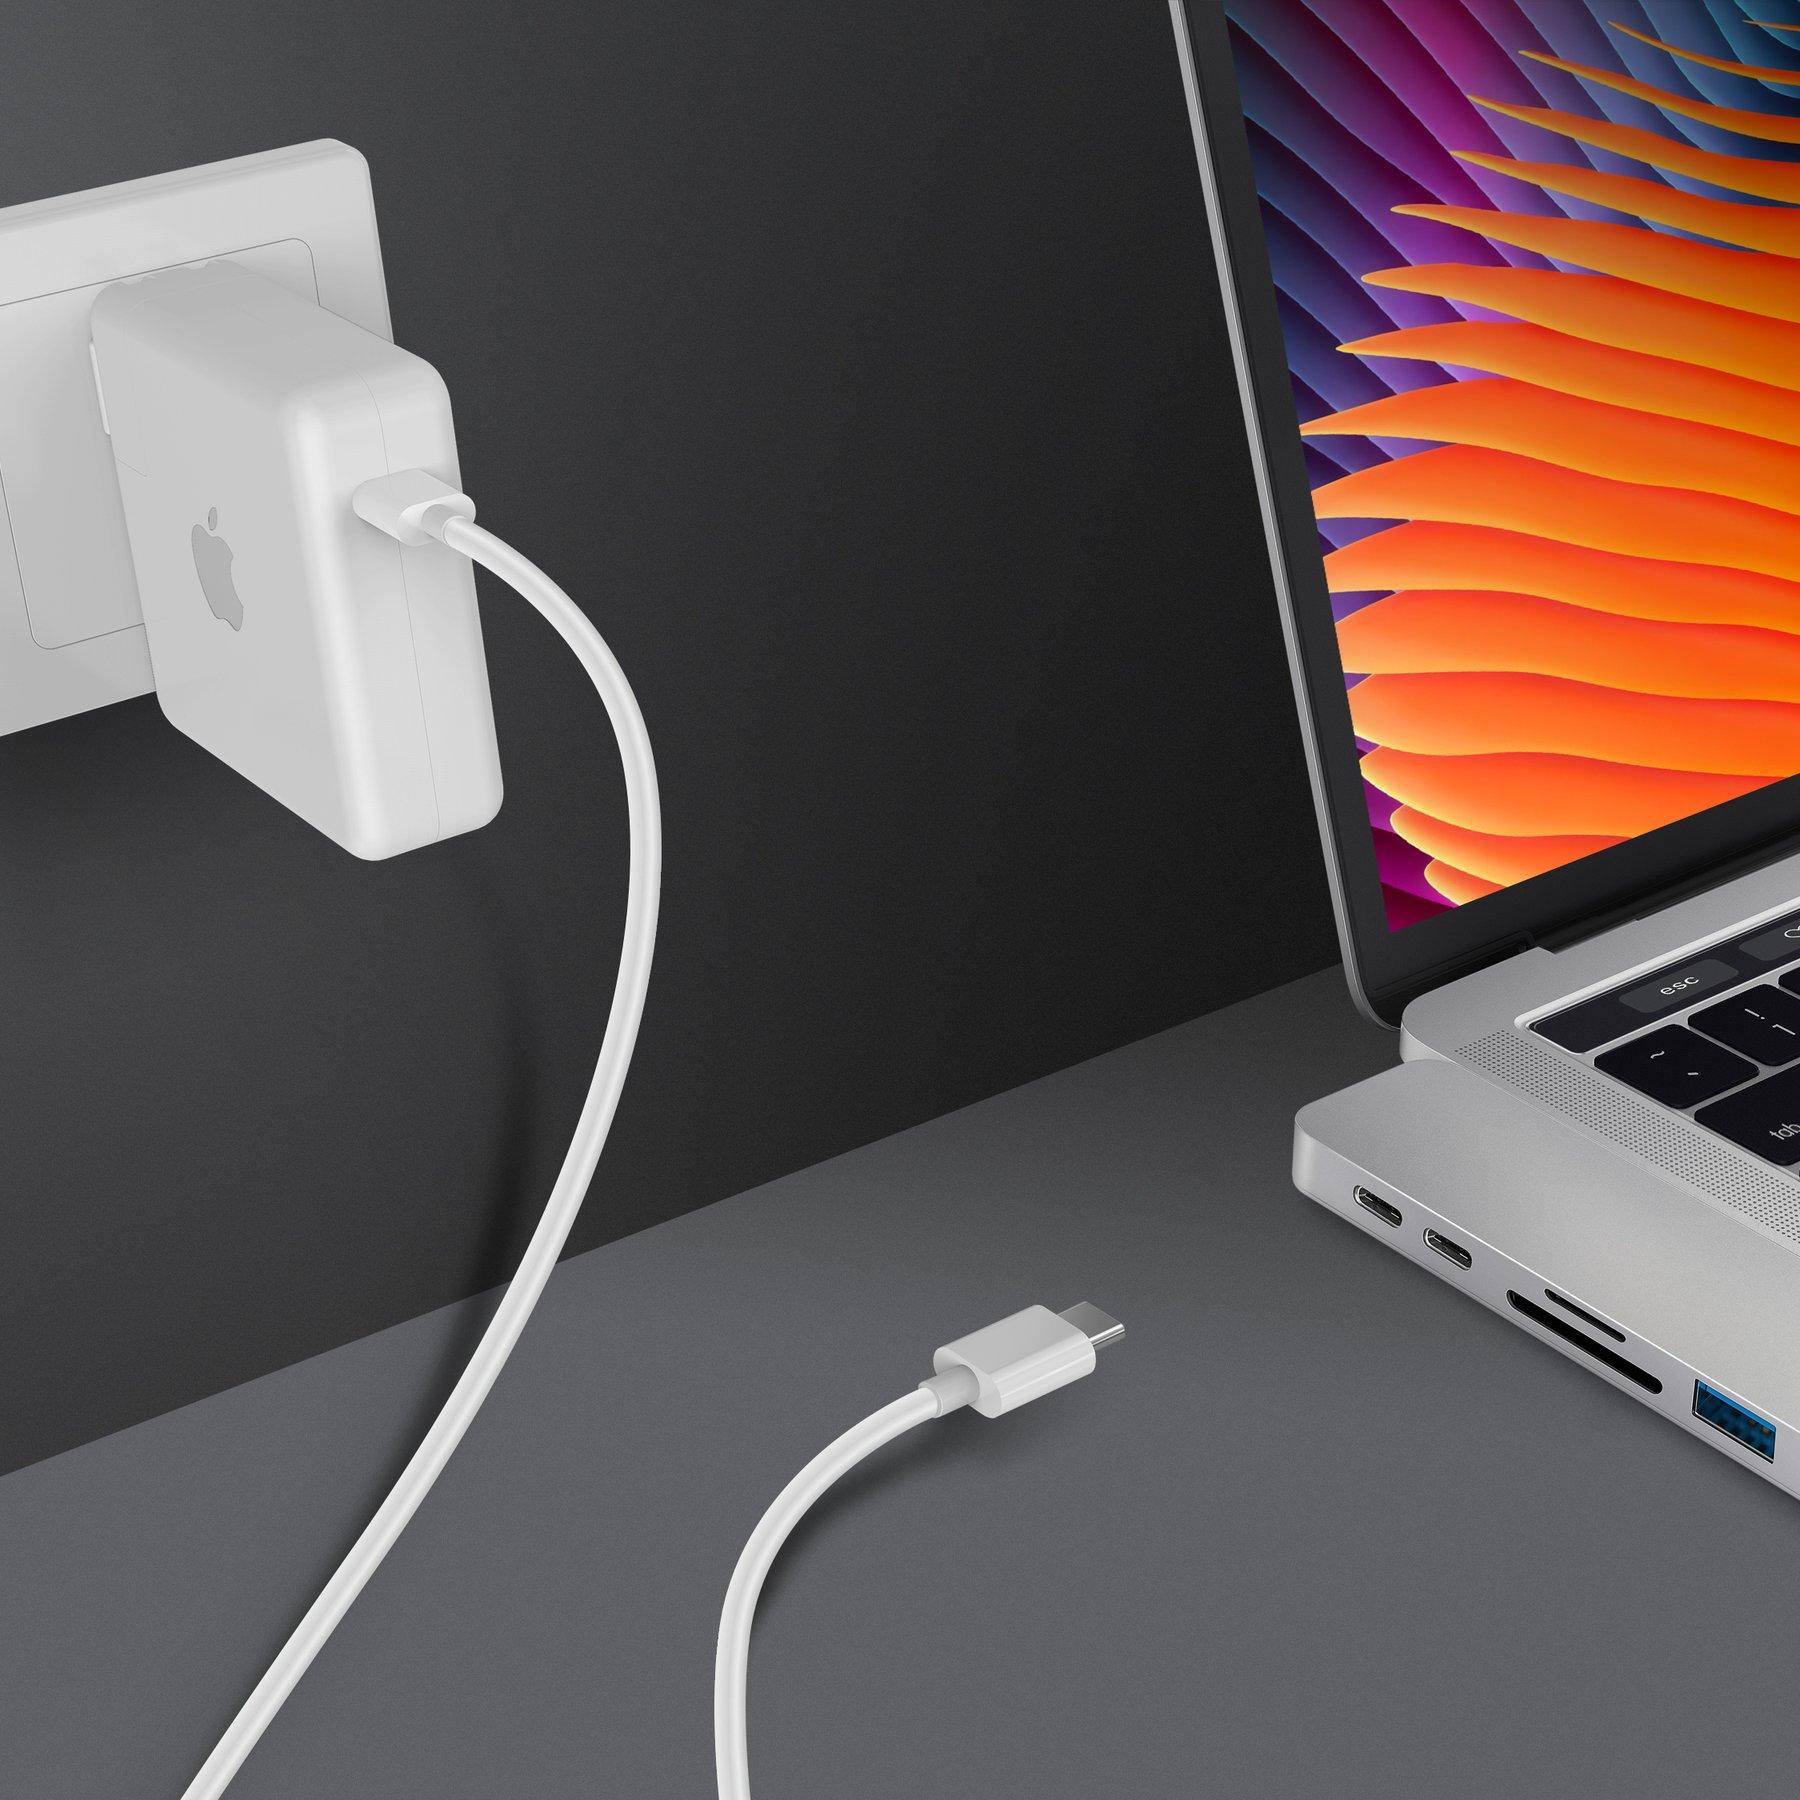 Cổng Chuyển HyperDrive Dual USB-C 7-in-2 Thunderbolt 3 Hub - (HD-GN28B) - Hàng Chính Hãng